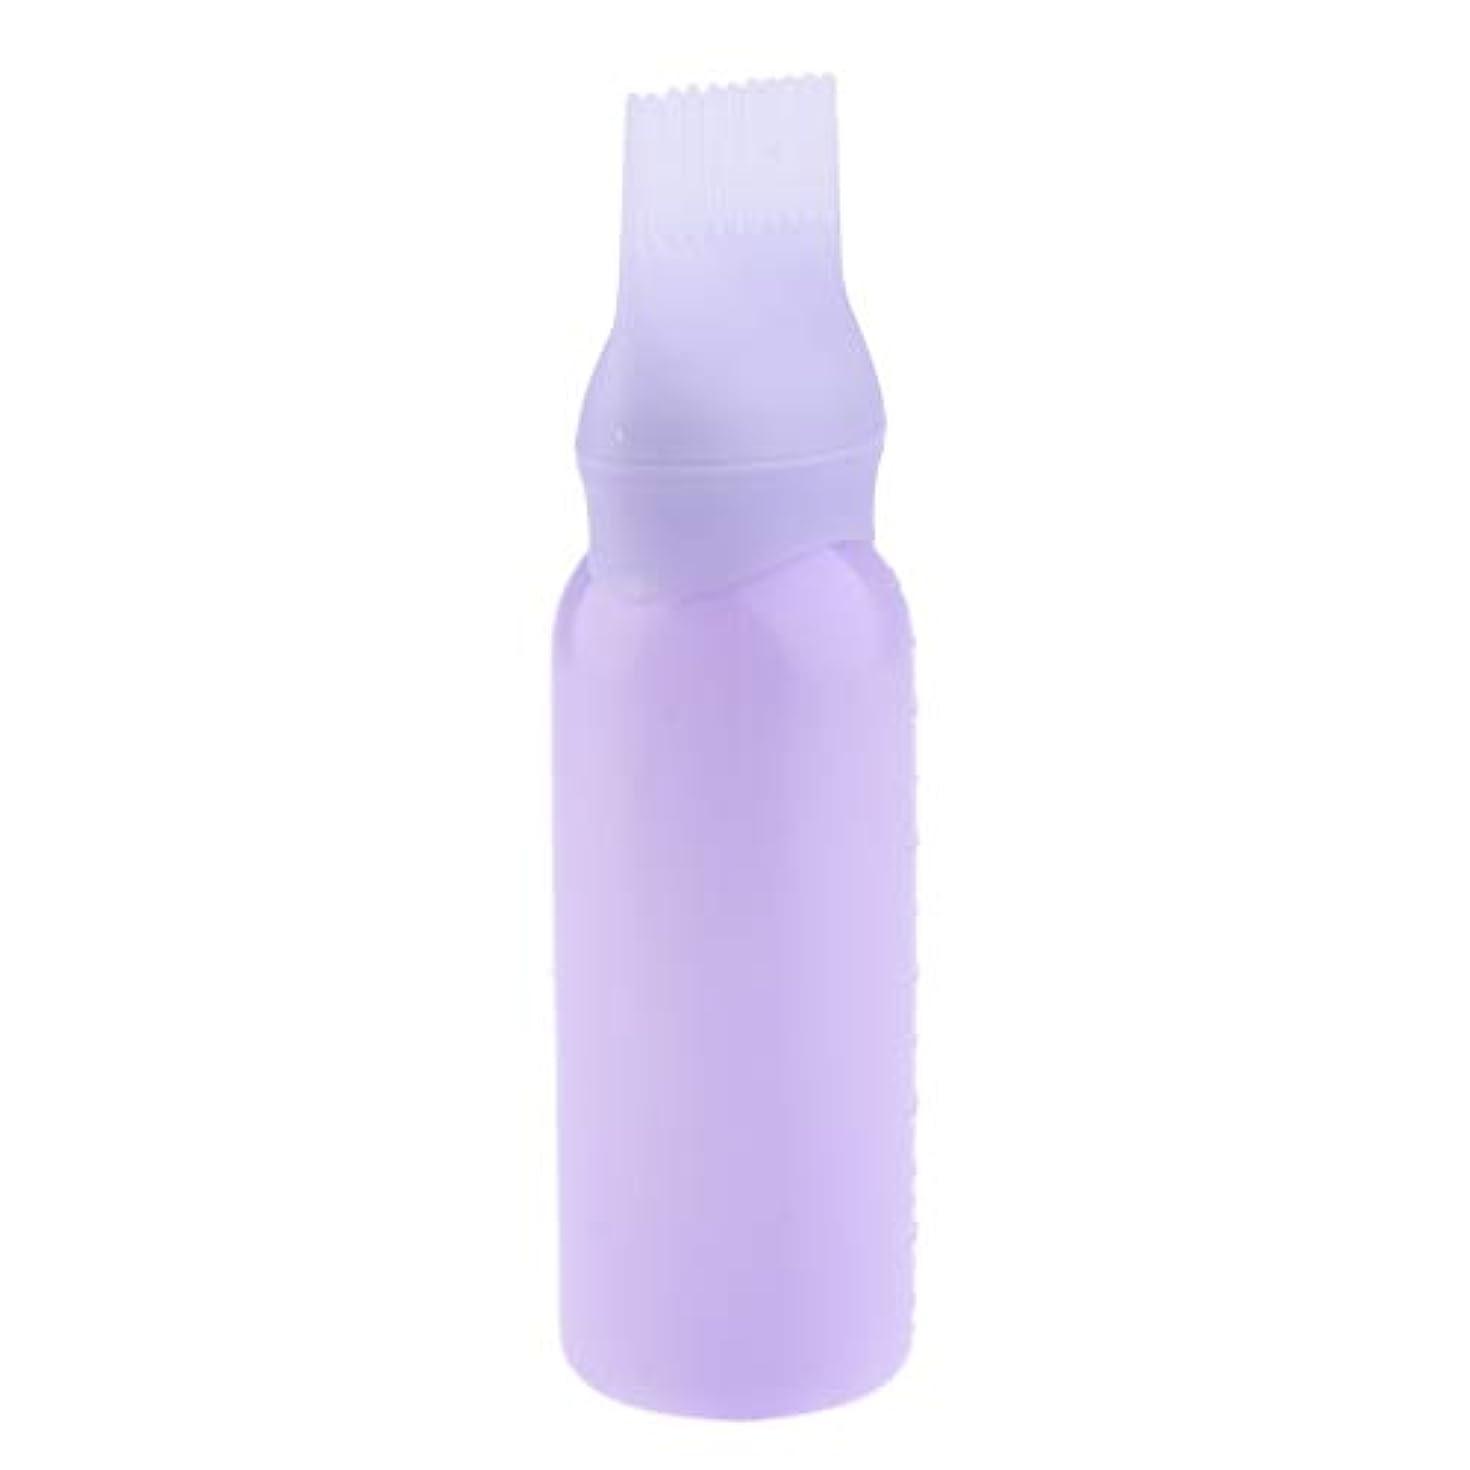 ノイズ建築家縞模様のヘアダイボトル ヘアカラー ヘア染色 ディスペンサー アプリケーター 3色選べ - 紫